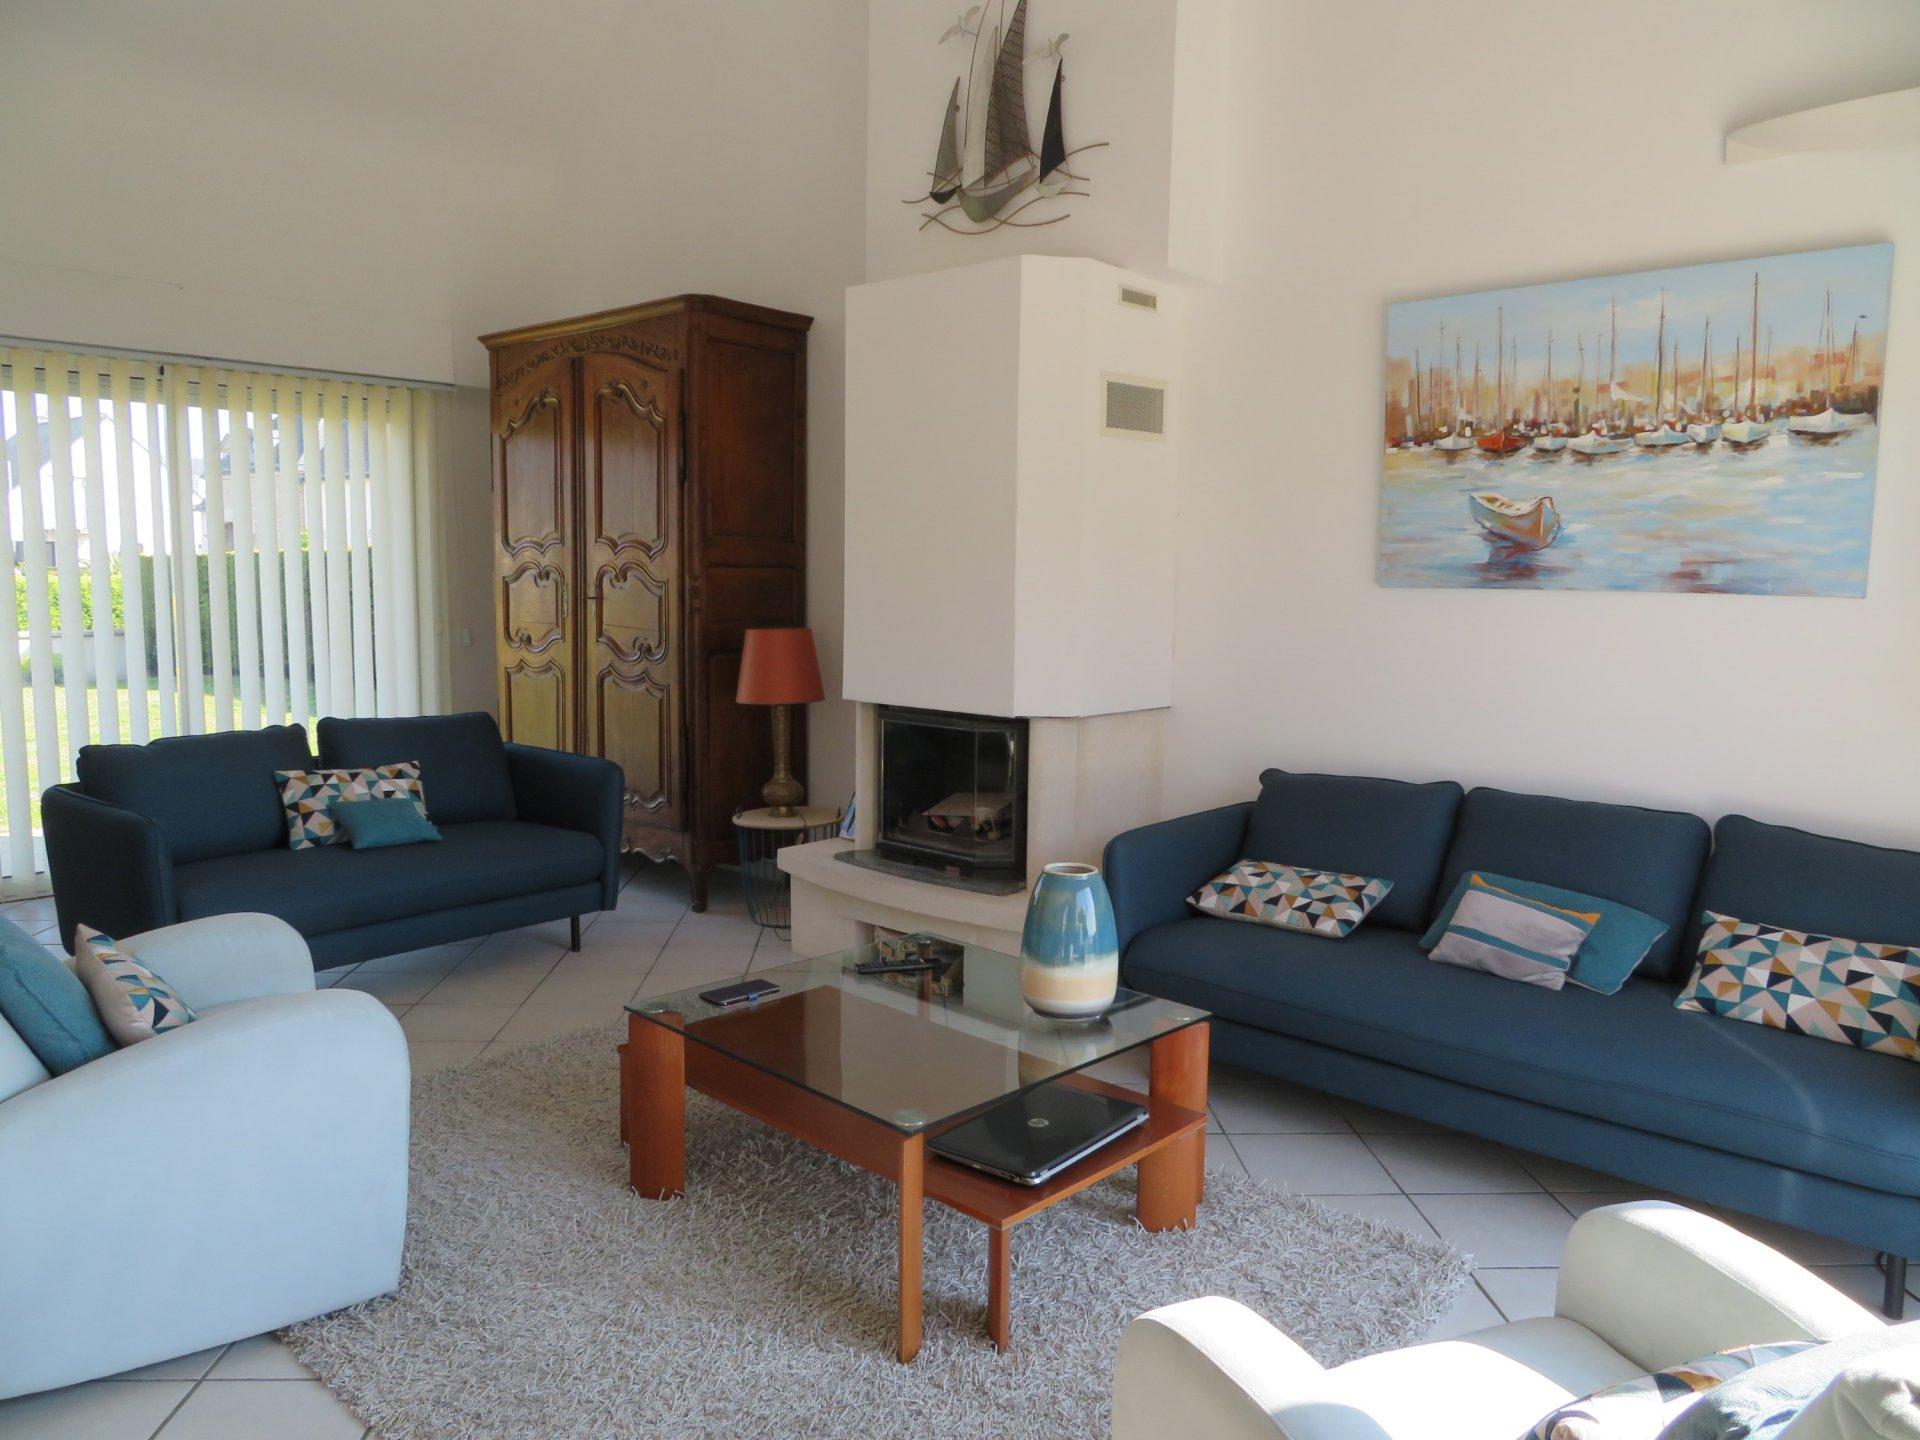 Maison à louer à Damgan Location de vacances pour 7 Personnes à Damgan